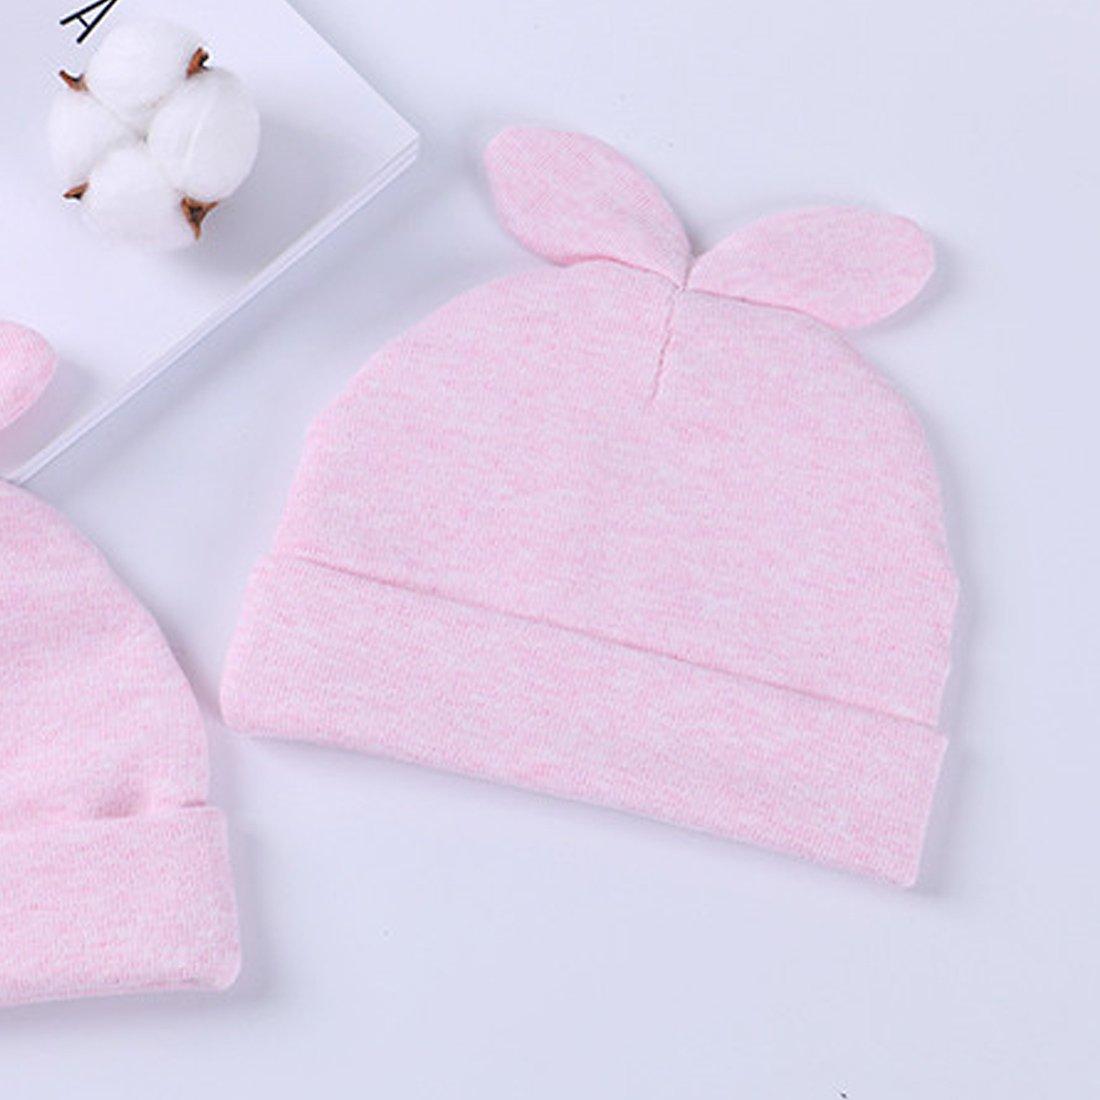 Rose Feoya Bonnet de Naissance Chapeau B/éb/é Fille Gar/çon Nouveau N/é en Coton Motif Lapin pour 0-3 mois